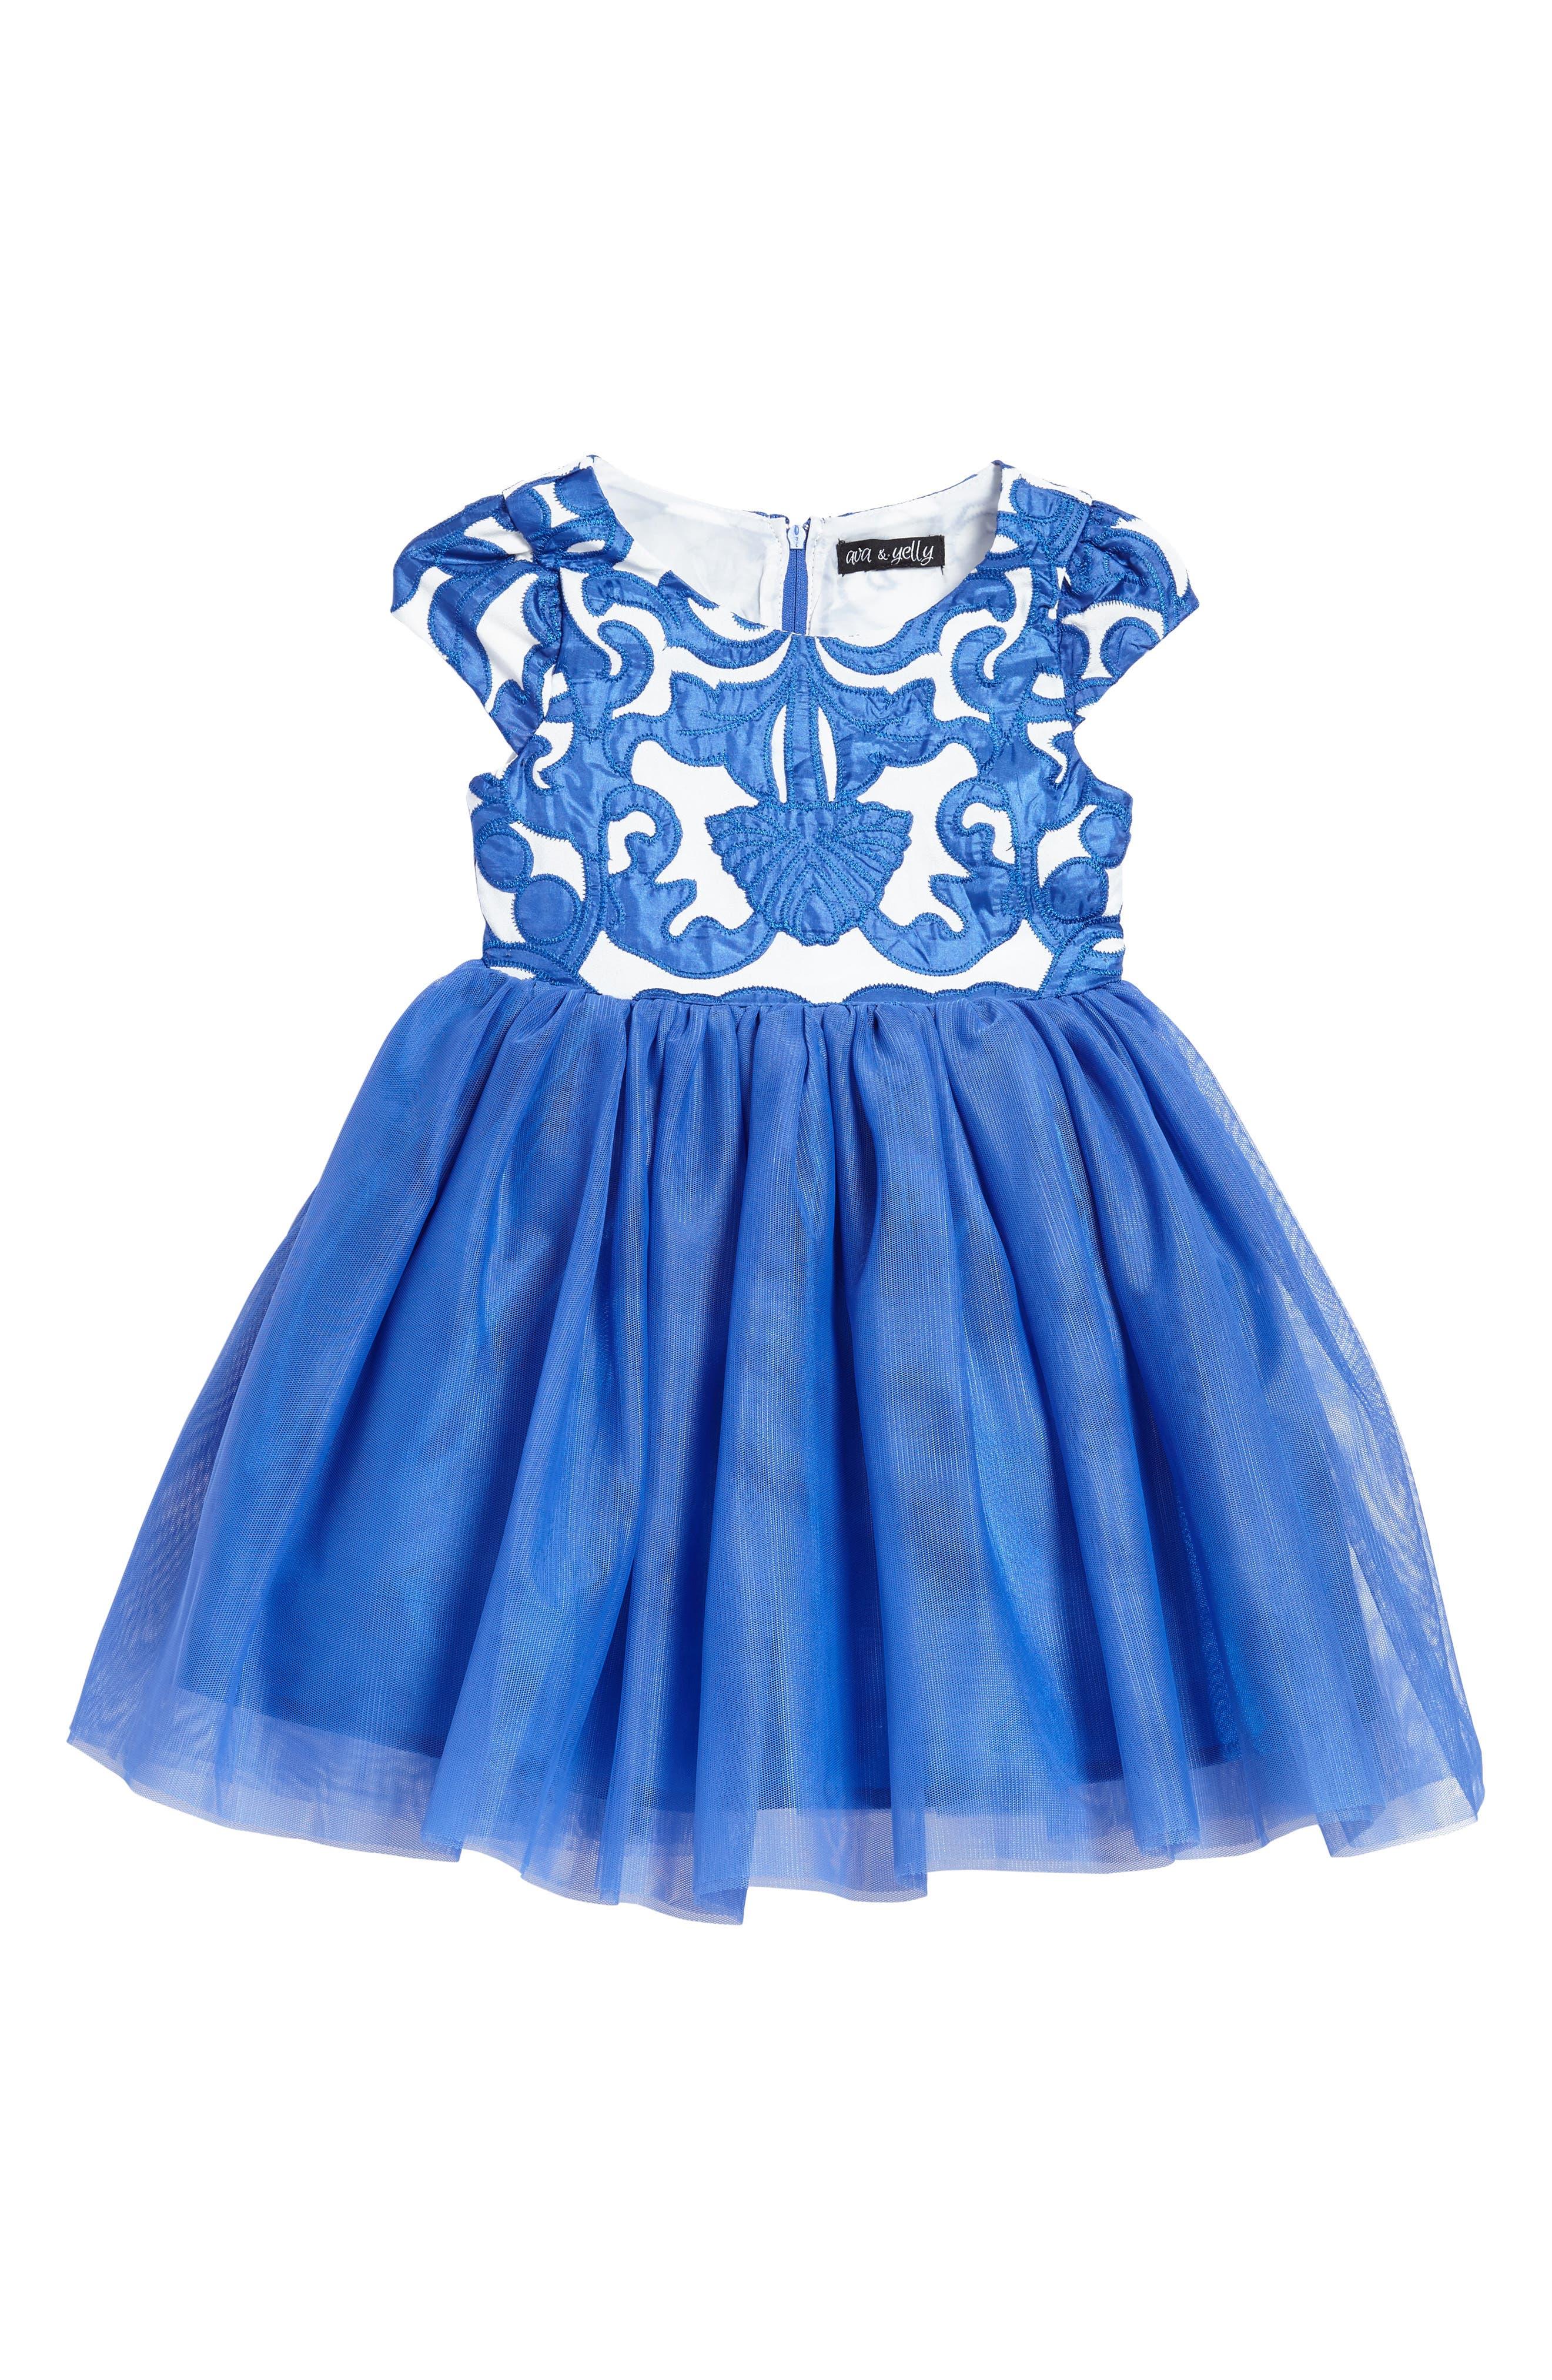 Appliqué Tulle Dress,                             Main thumbnail 1, color,                             Royal